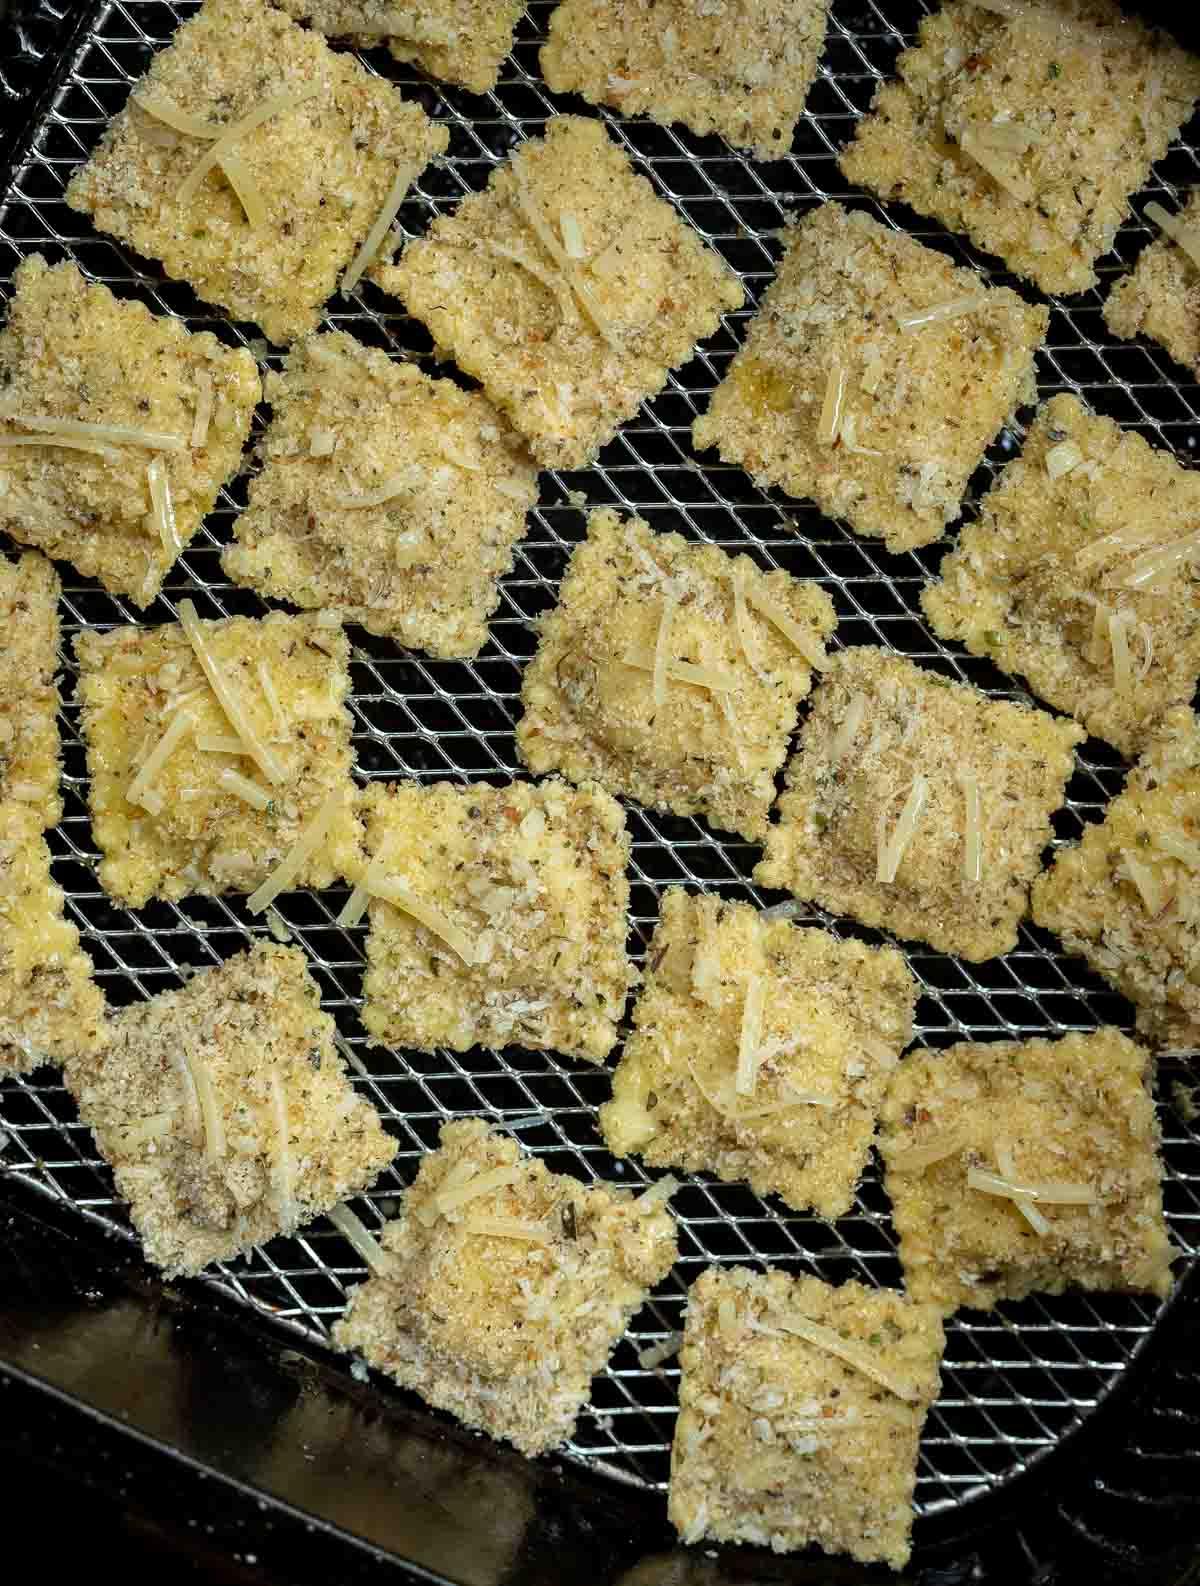 uncooked ravioli in air fryer basket